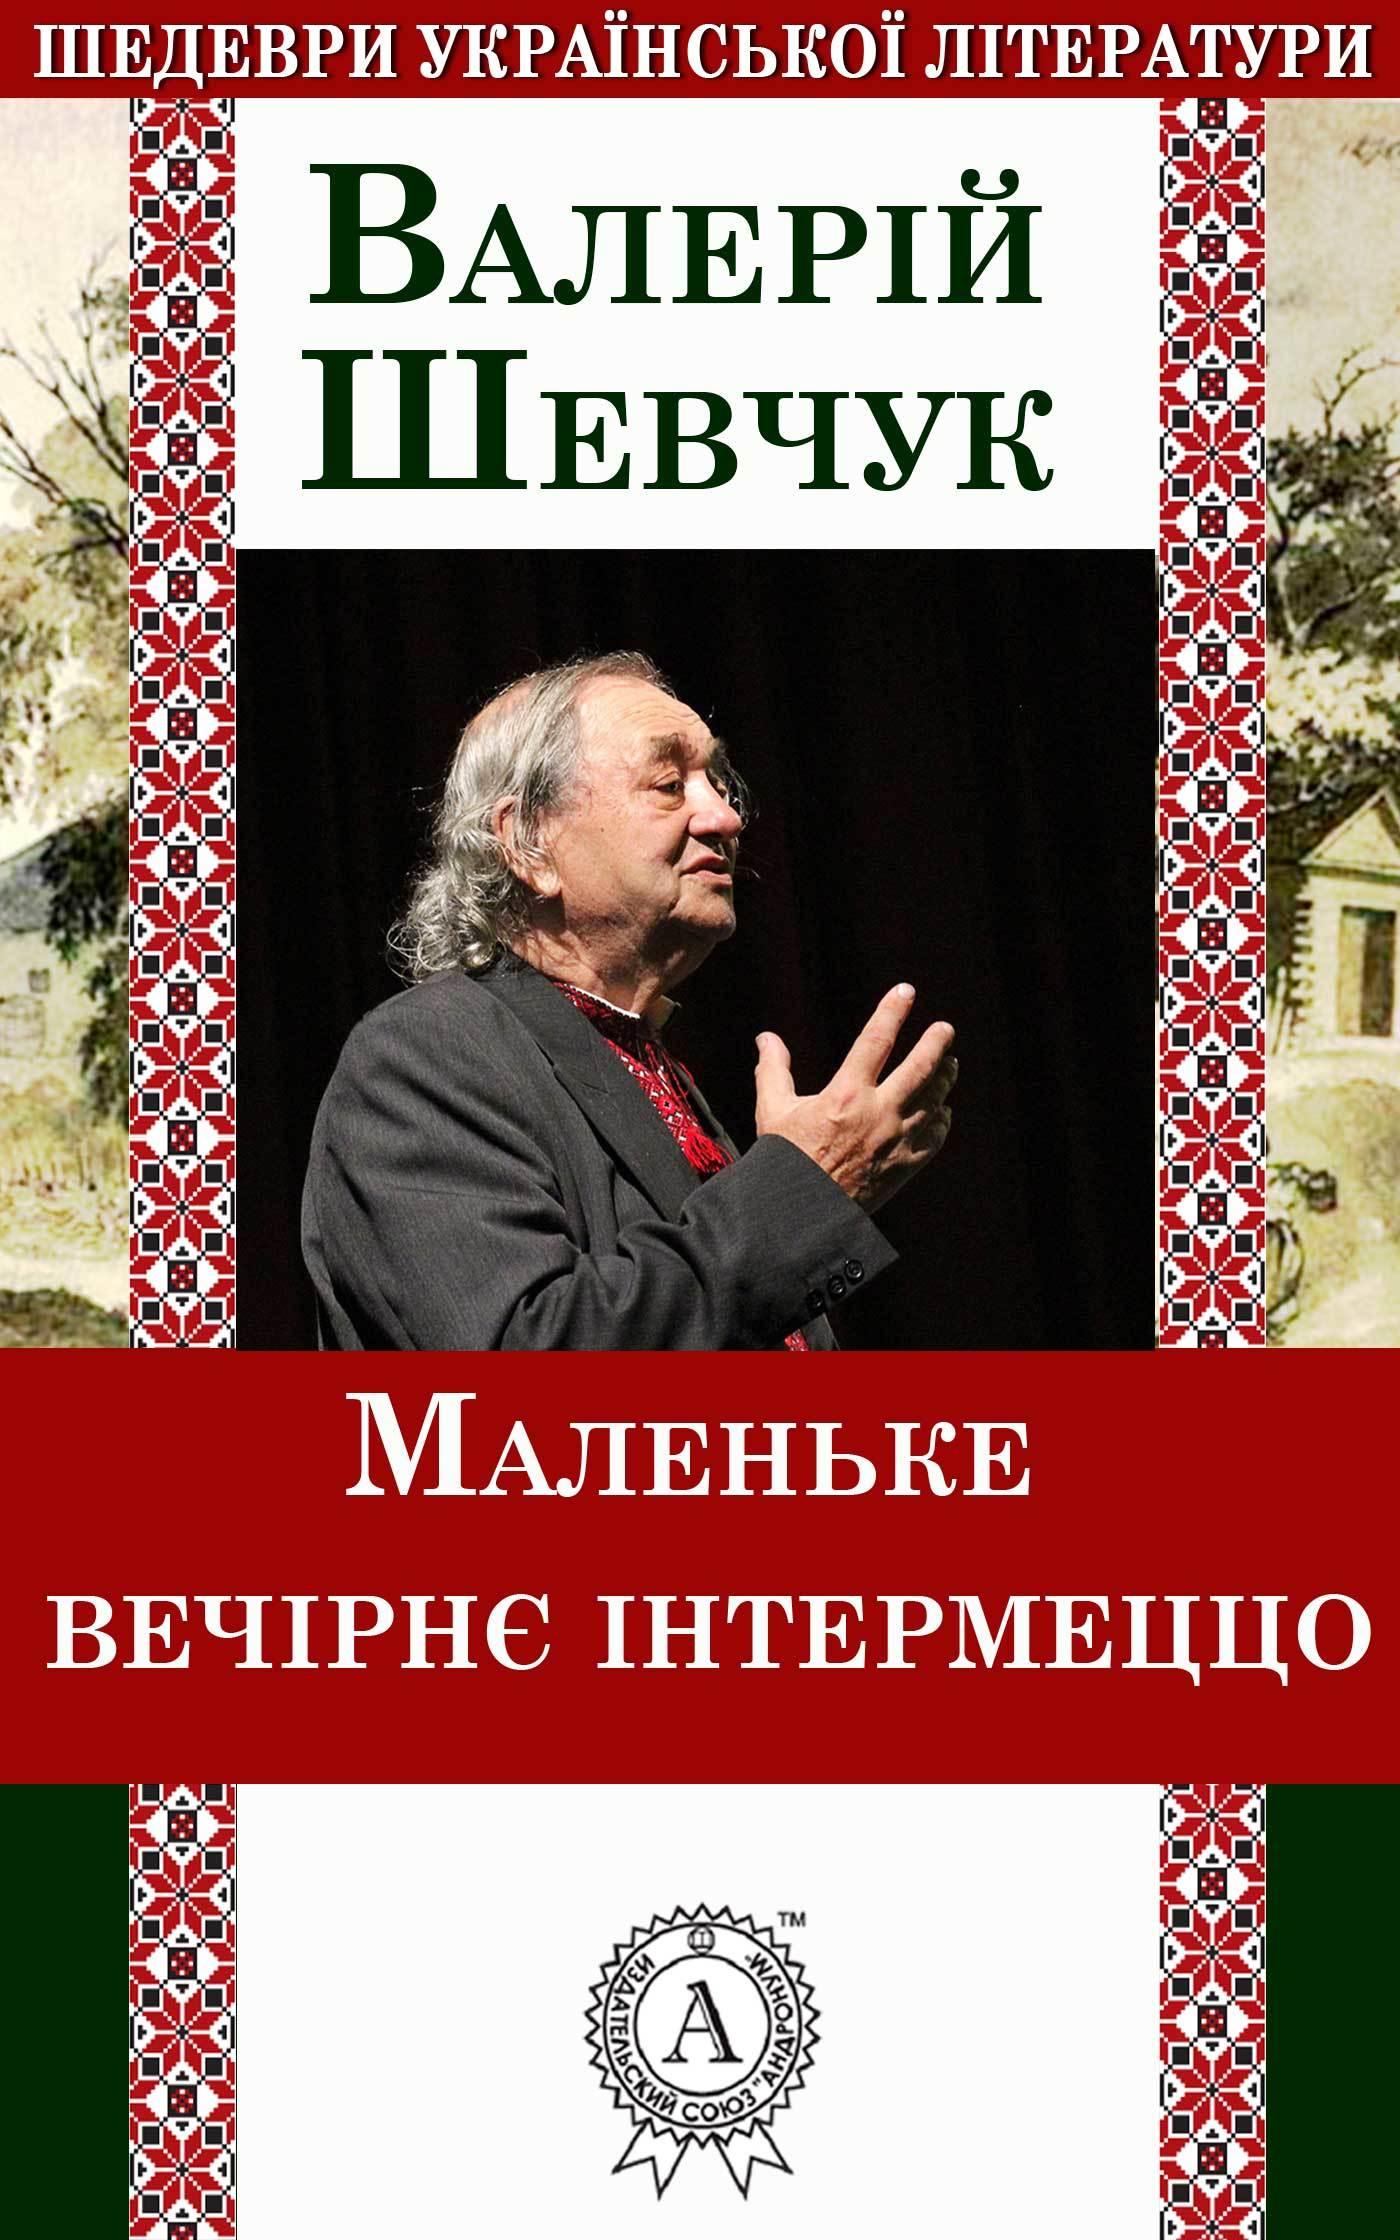 Валерй Шевчук